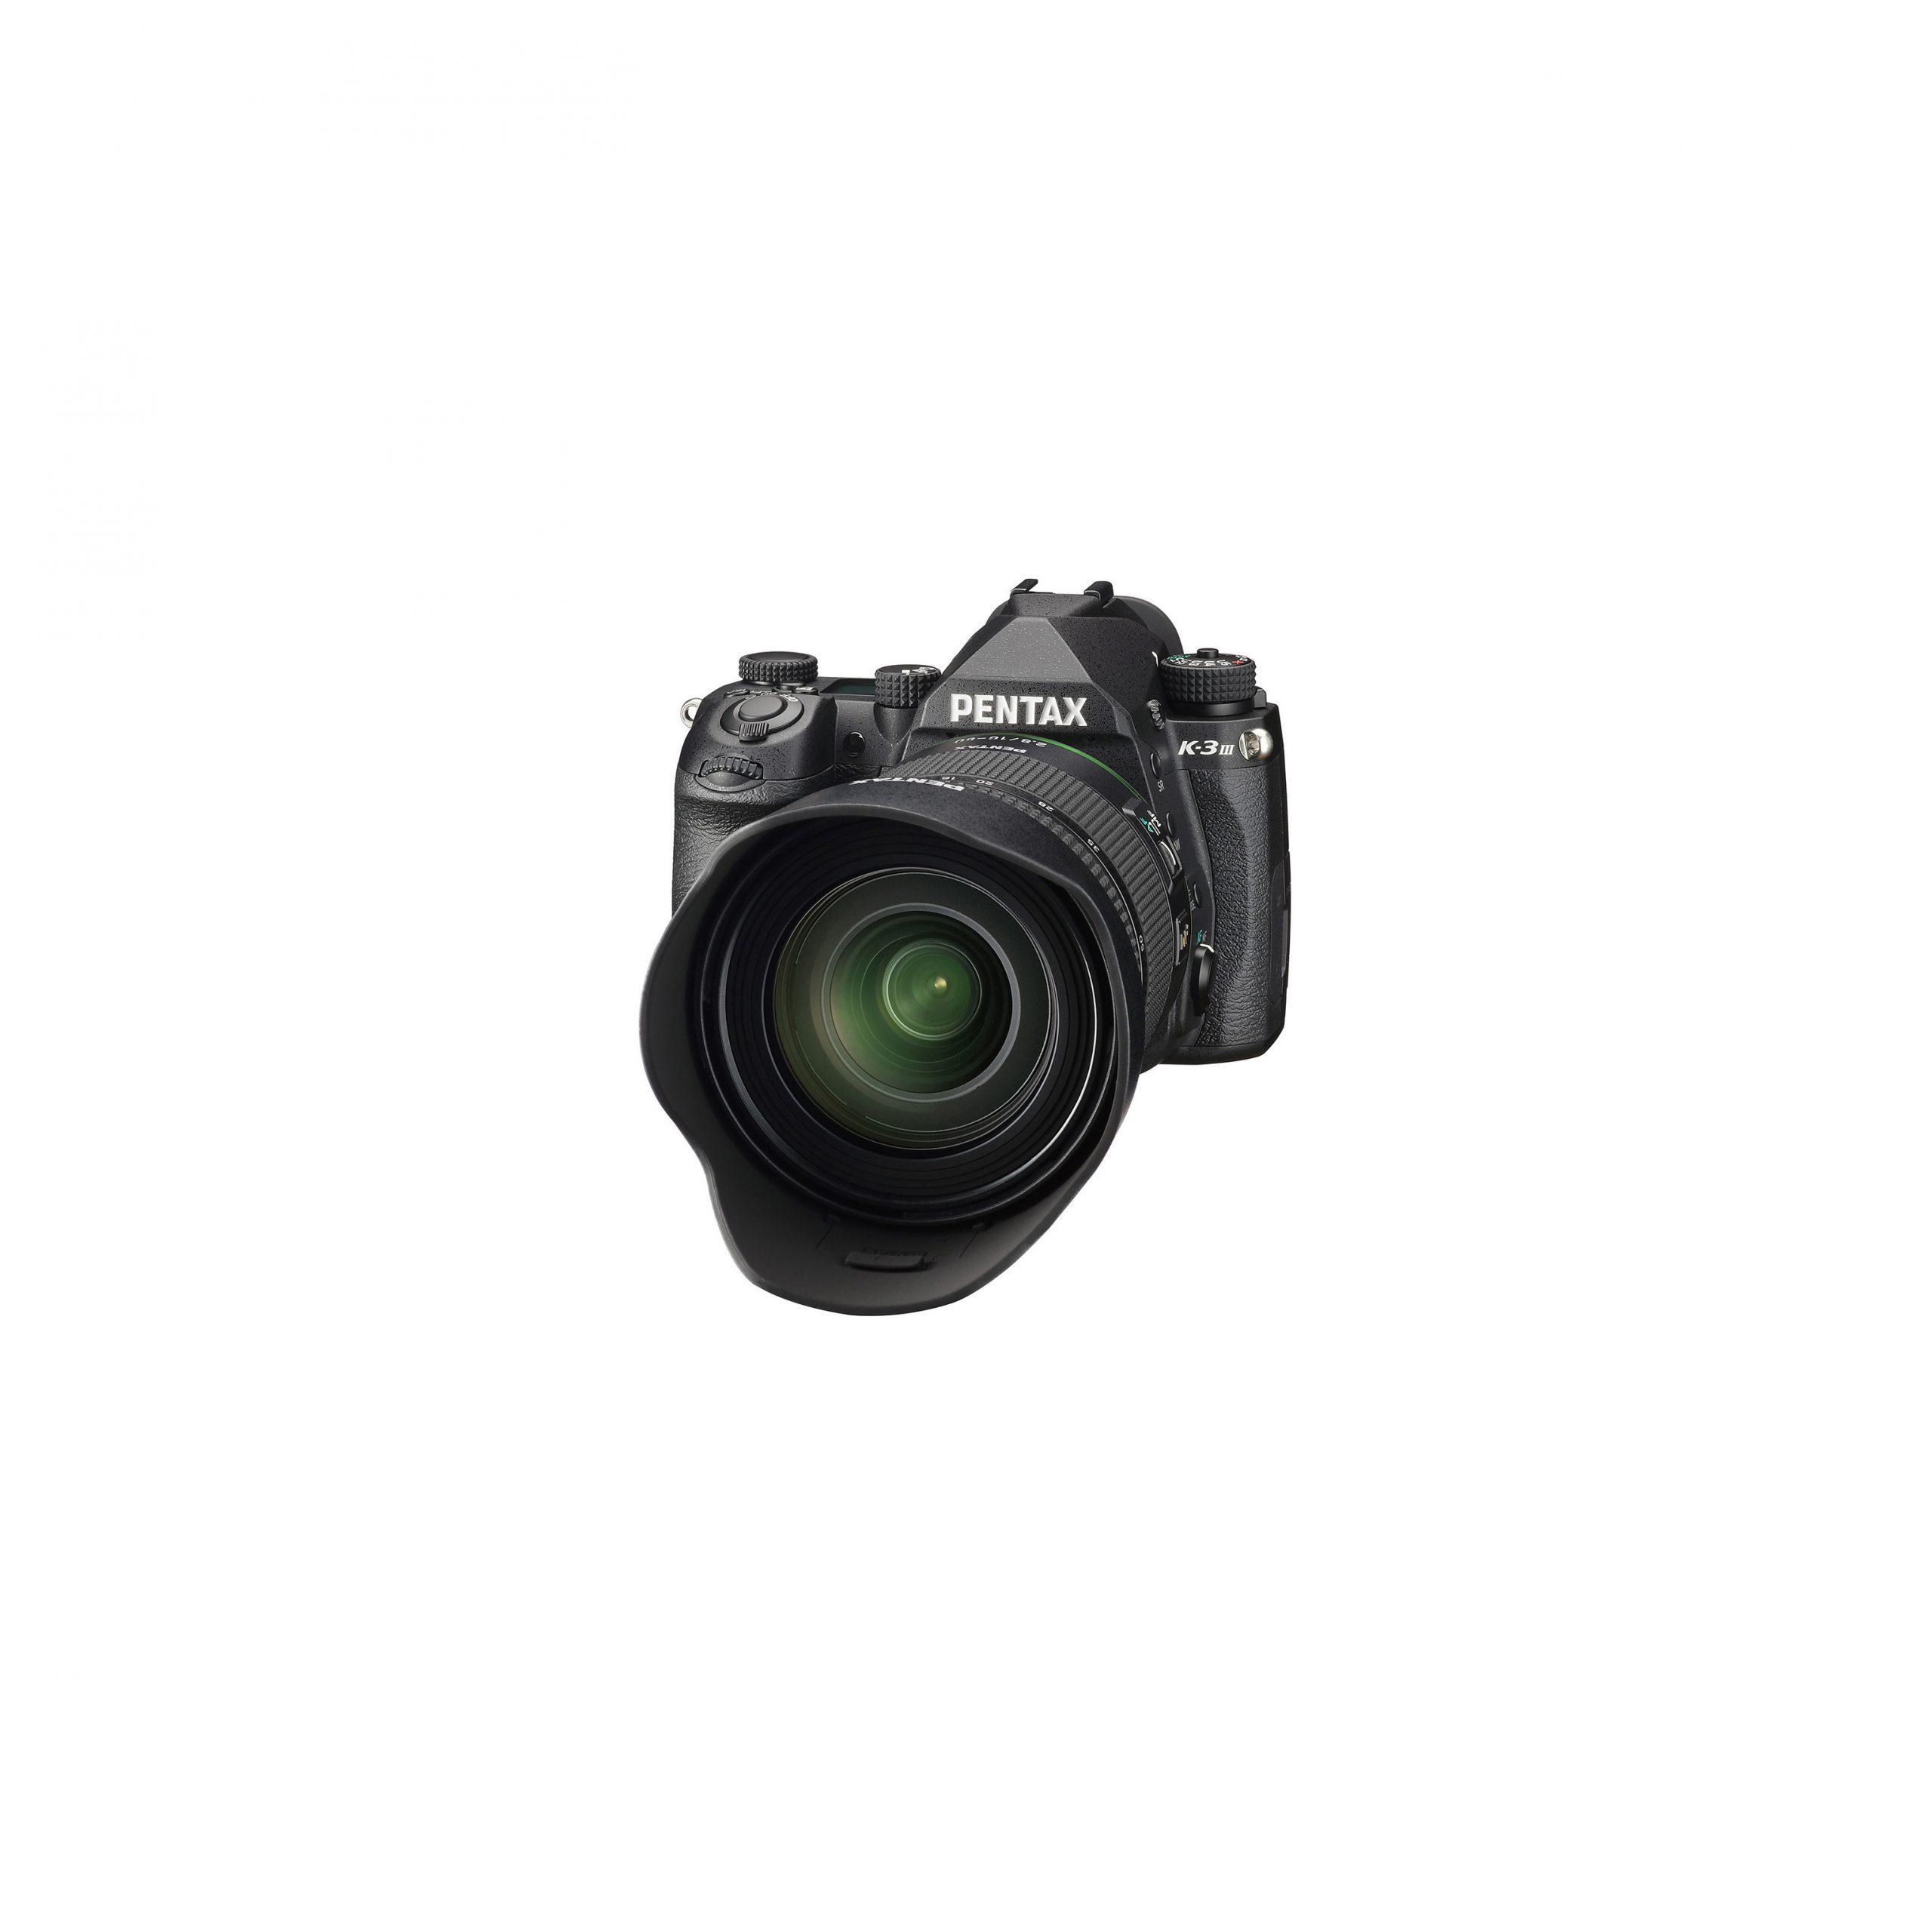 Die Pentax K-3 Mark III ist das neue Spitzenmodell der APS-C-Serie dieses Kameraherstellers. (c) RICOH IMAGING